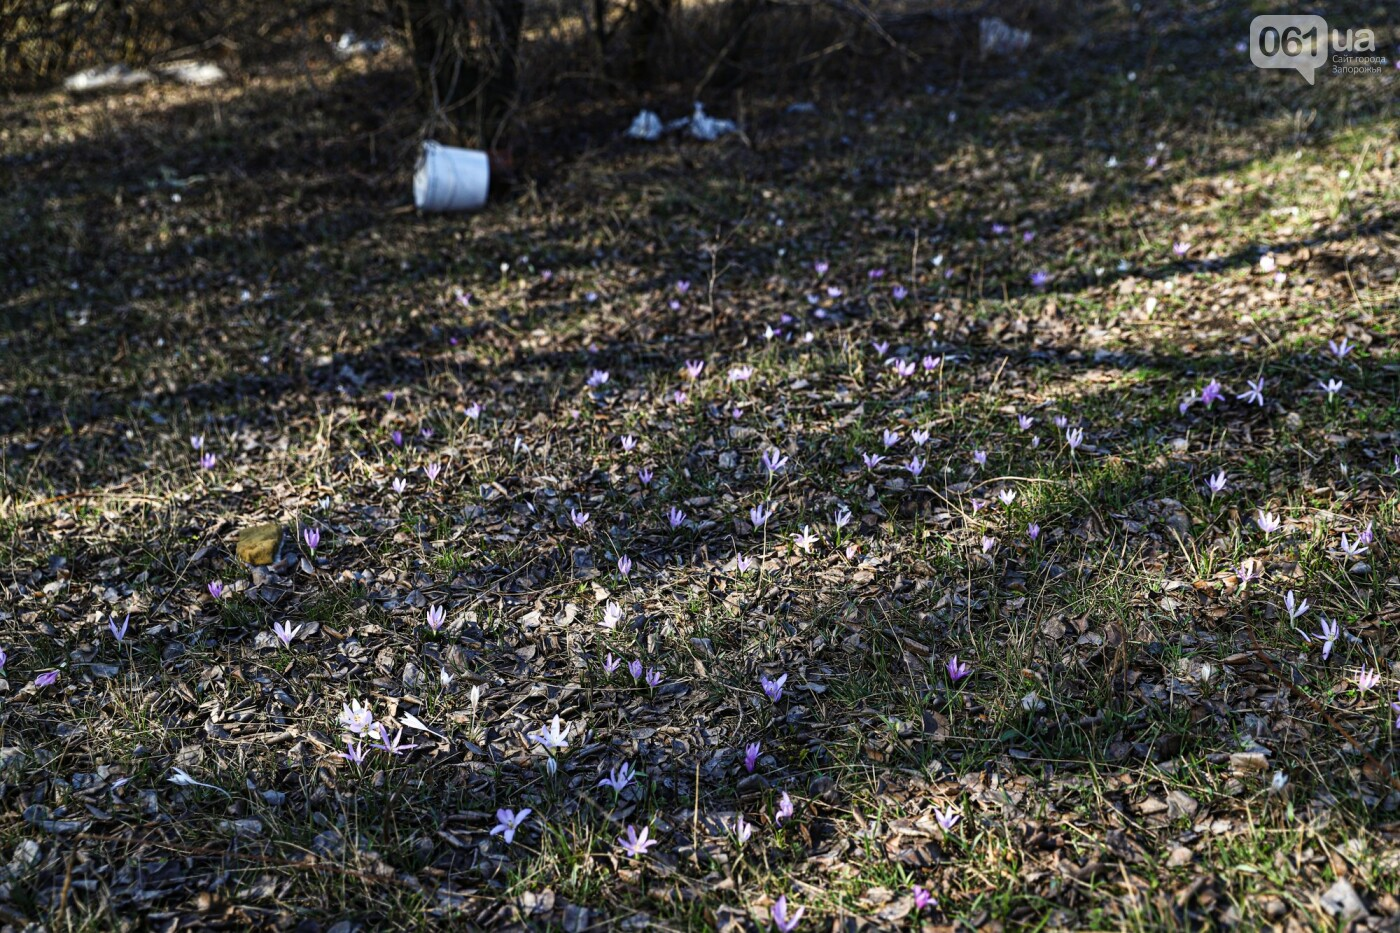 Цветущие крокусы и горы мусора: как сейчас выглядит балка Партизанская в Запорожье, - ФОТО, фото-15